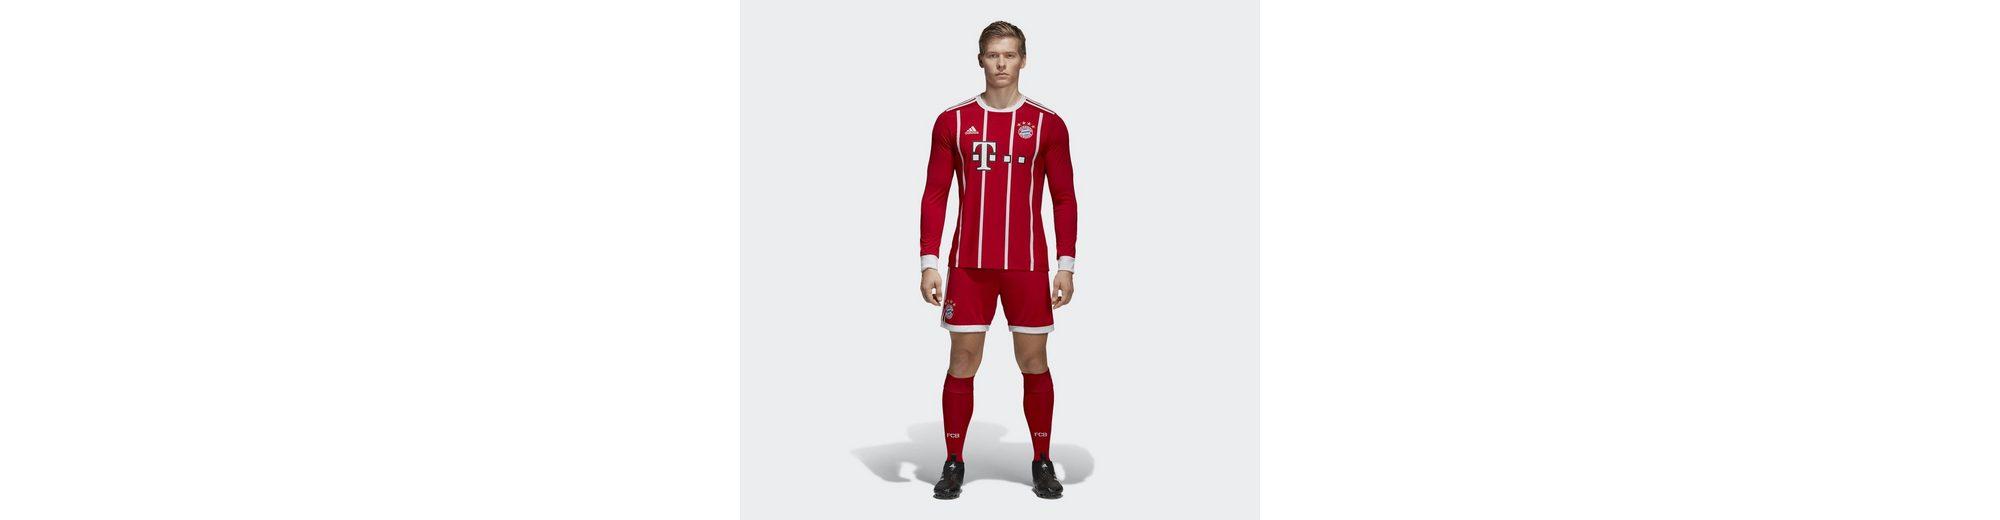 Nagelneu Unisex Schnelle Lieferung Günstiger Preis adidas Performance Footballtrikot FC Bayern München OMl5cb33w